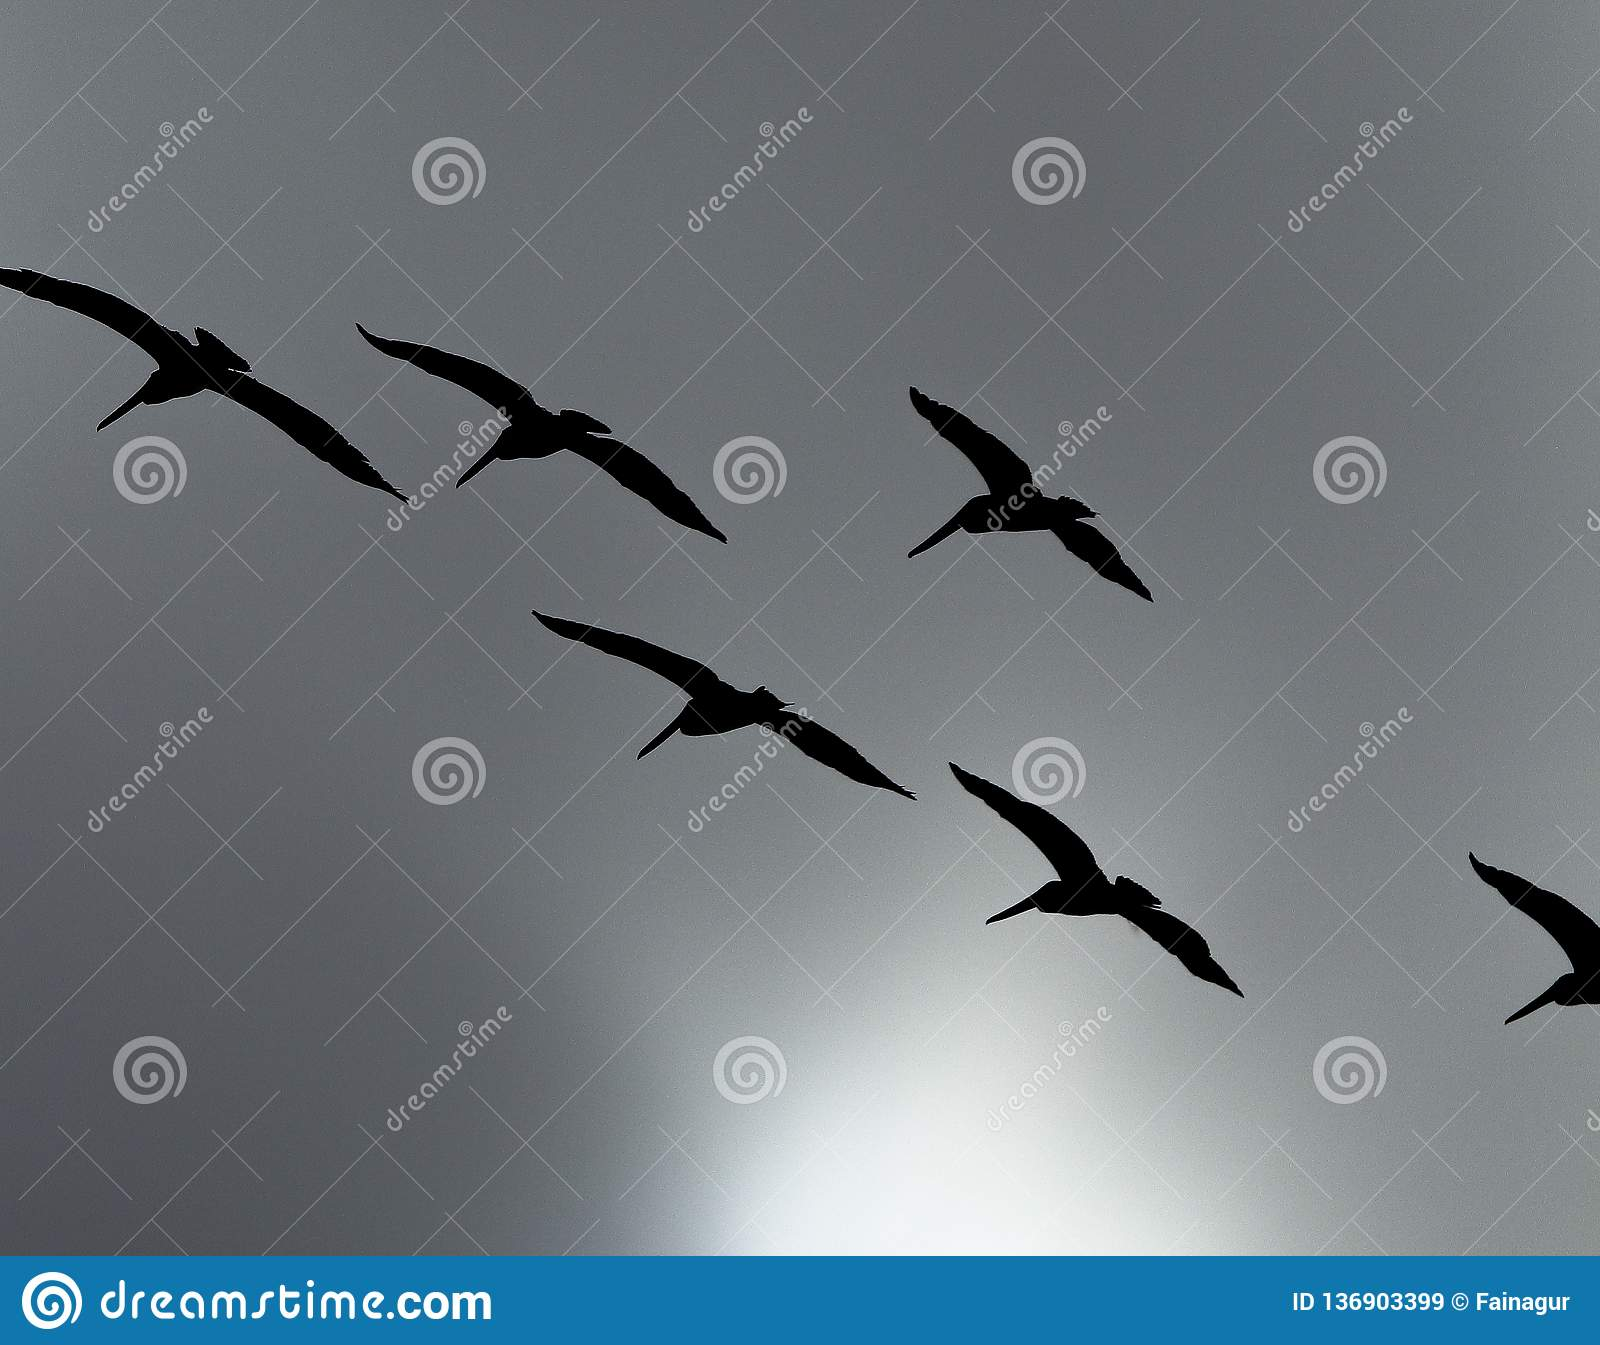 Siluetta di uno stormo dei pellicani marroni che sorvolano il cielo tempestoso grigio